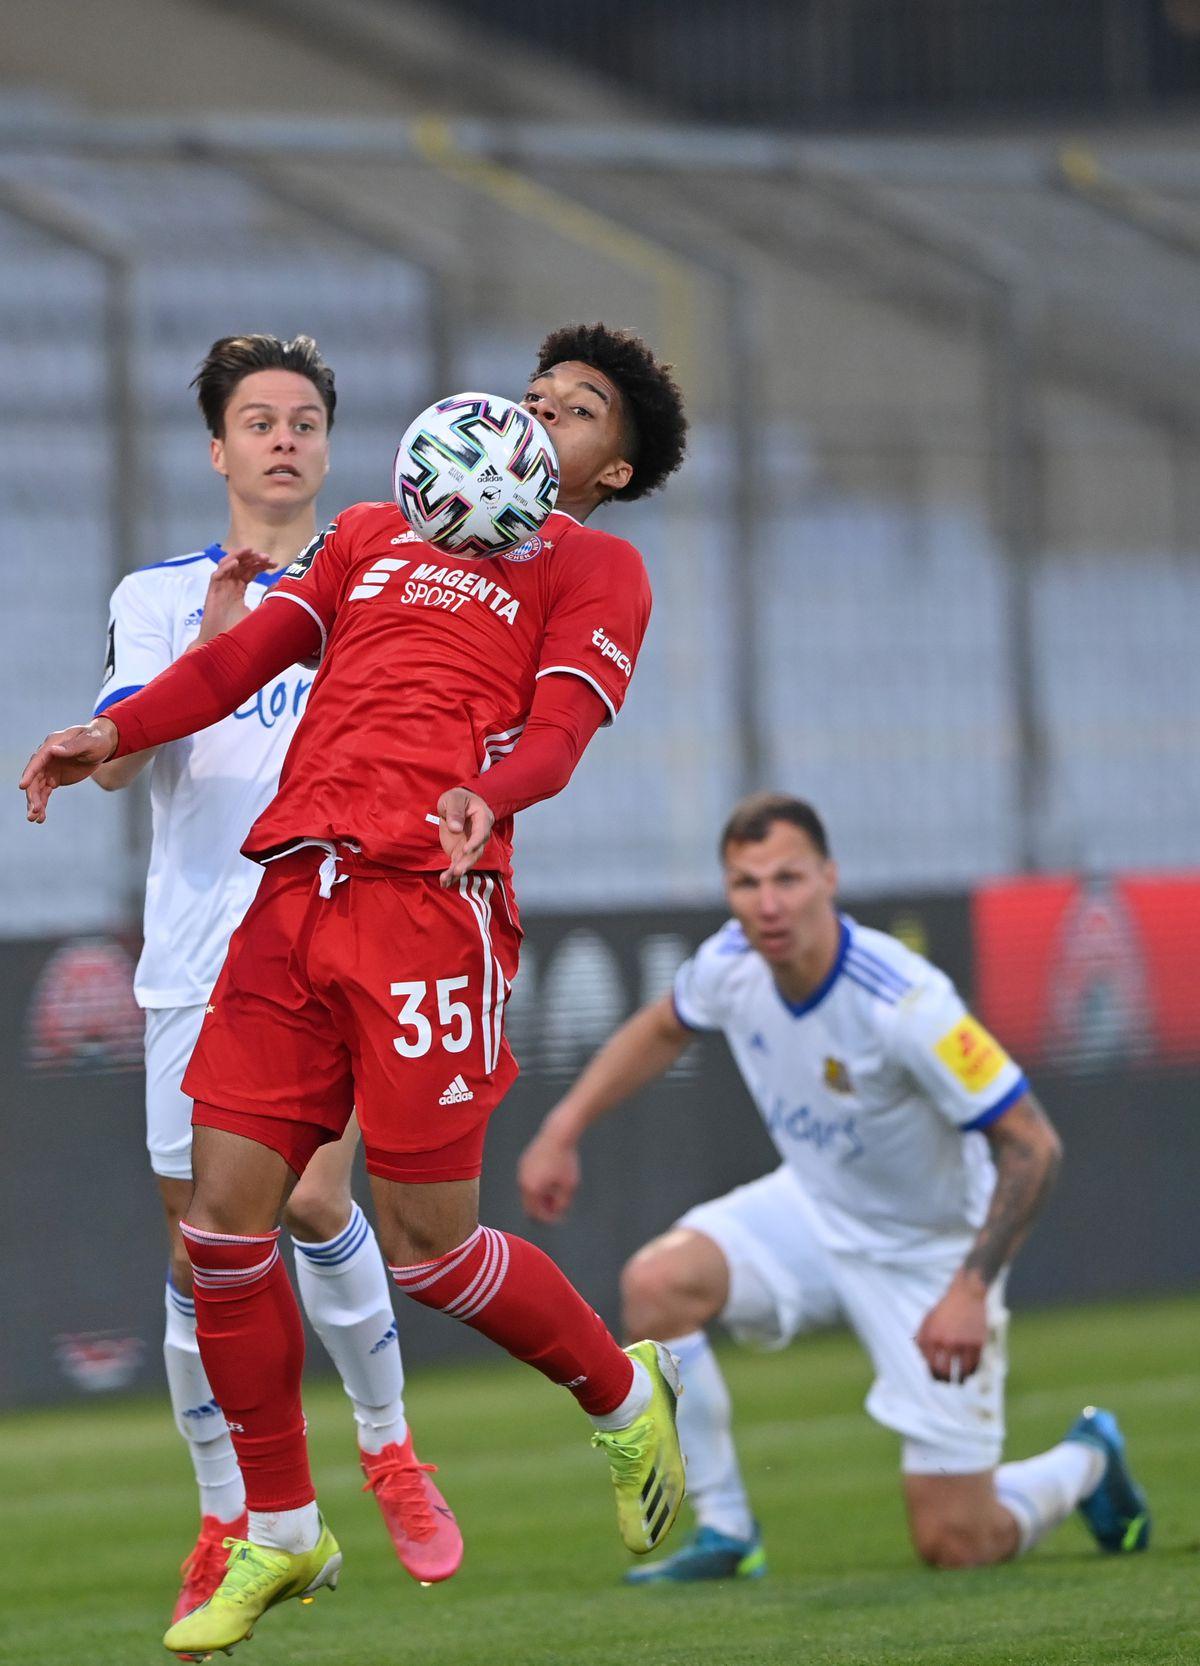 Bayern München II v 1. FC Saarbrücken - 3. Liga